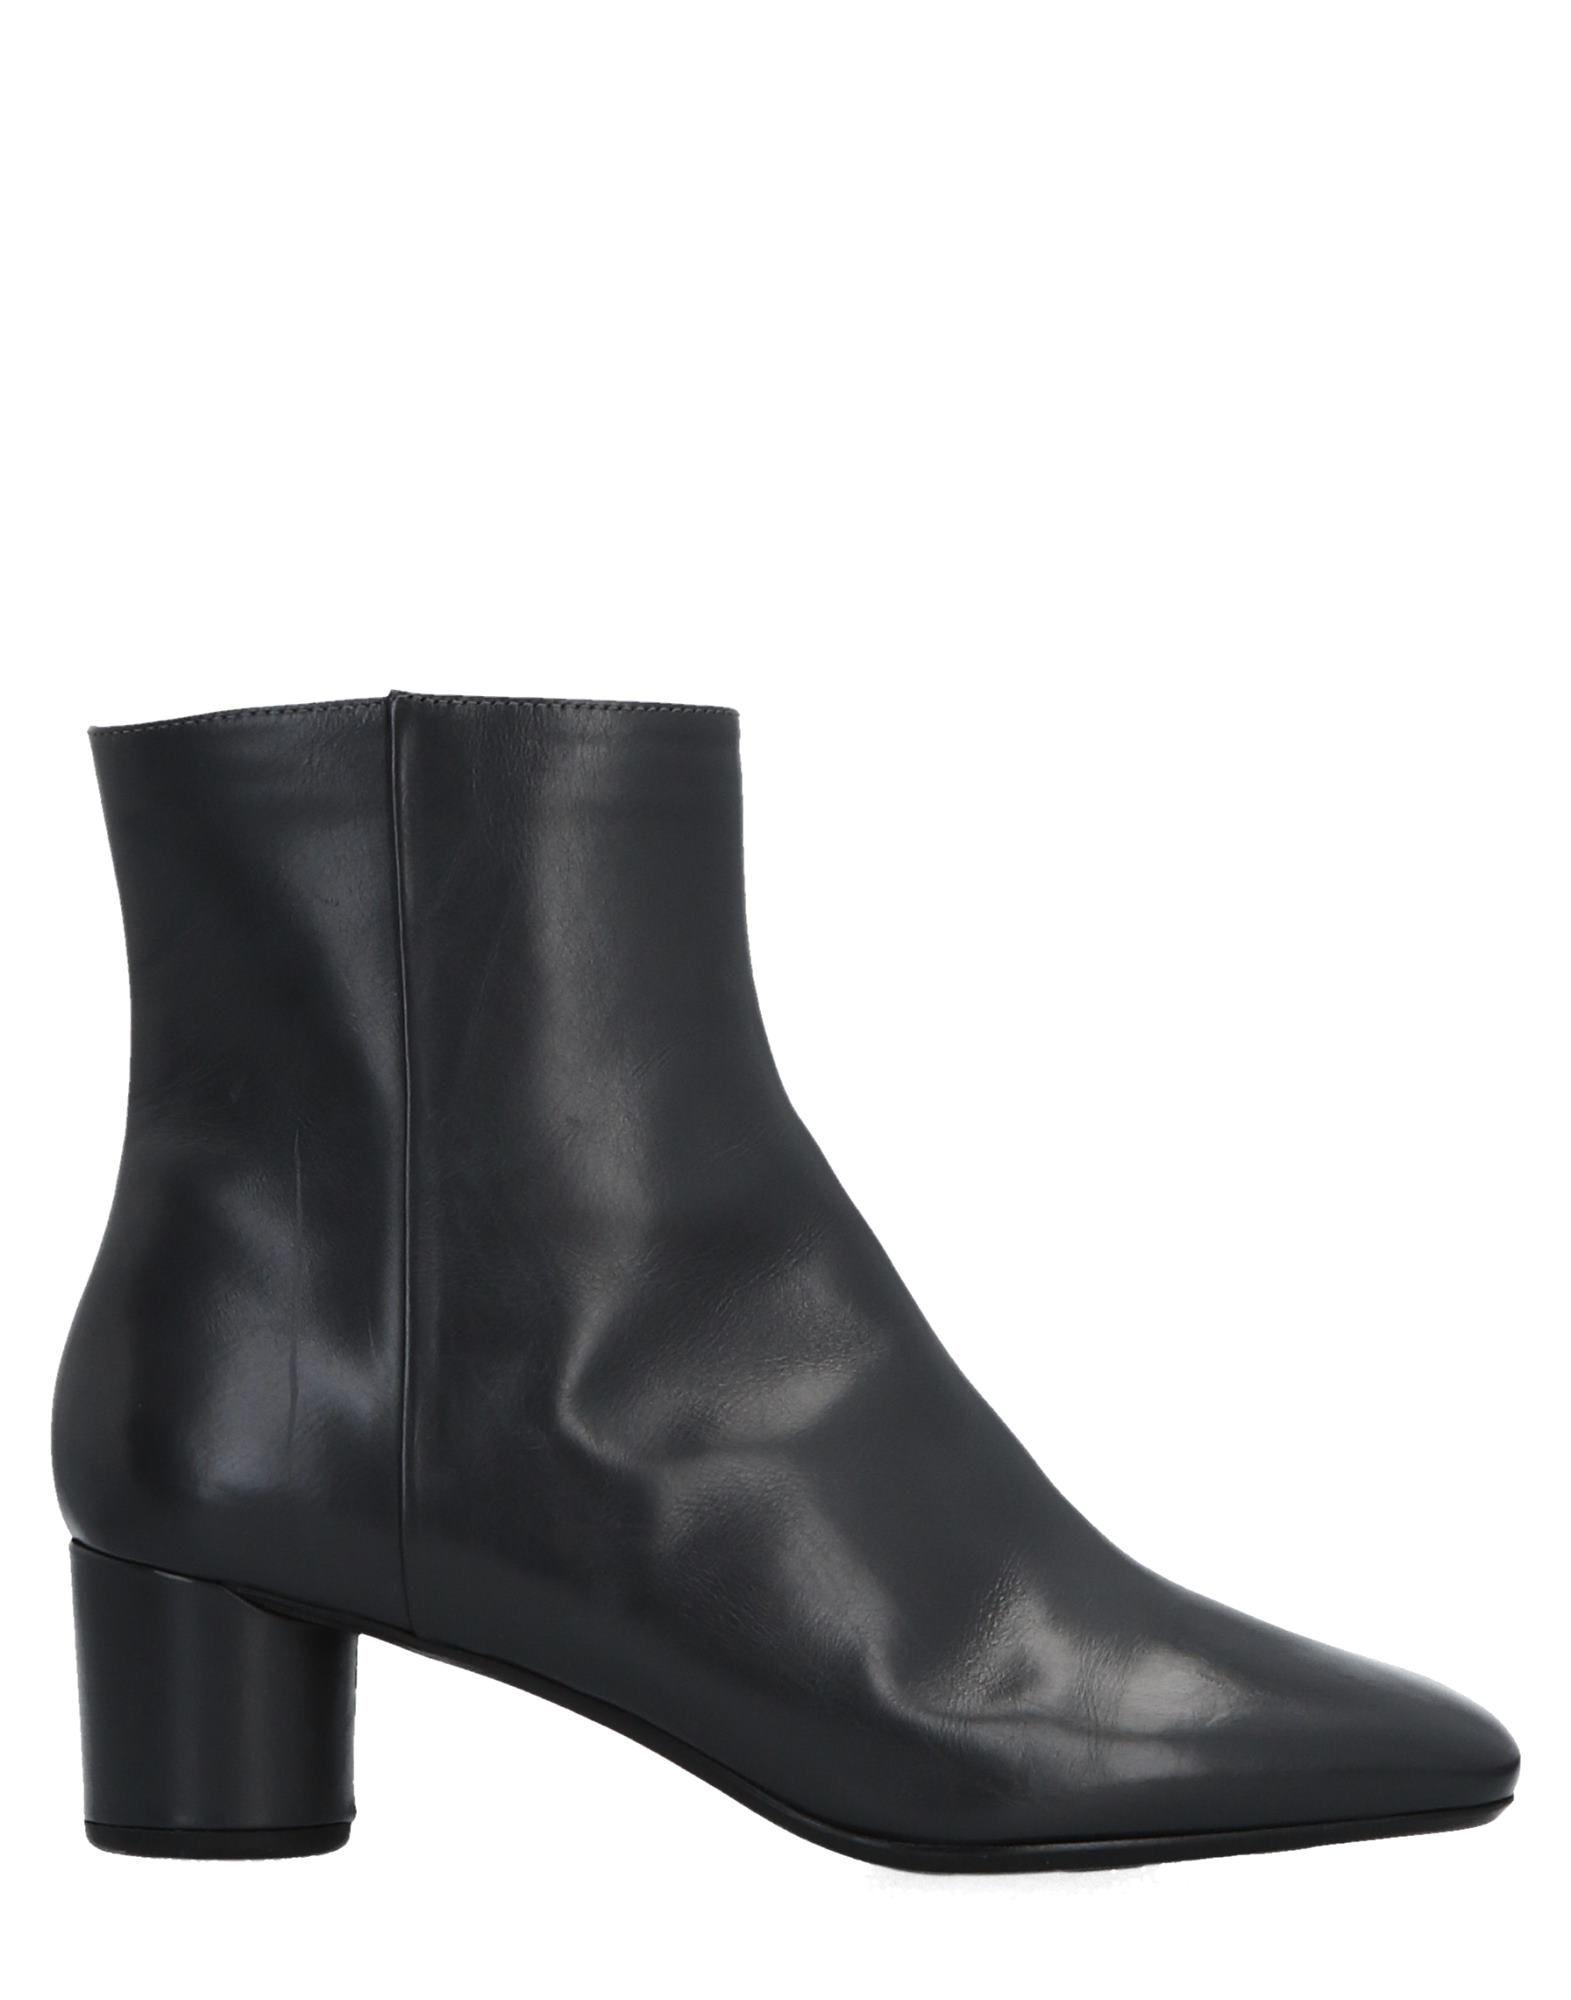 PAS DE ROUGE Полусапоги и высокие ботинки pas de rouge полусапоги и высокие ботинки